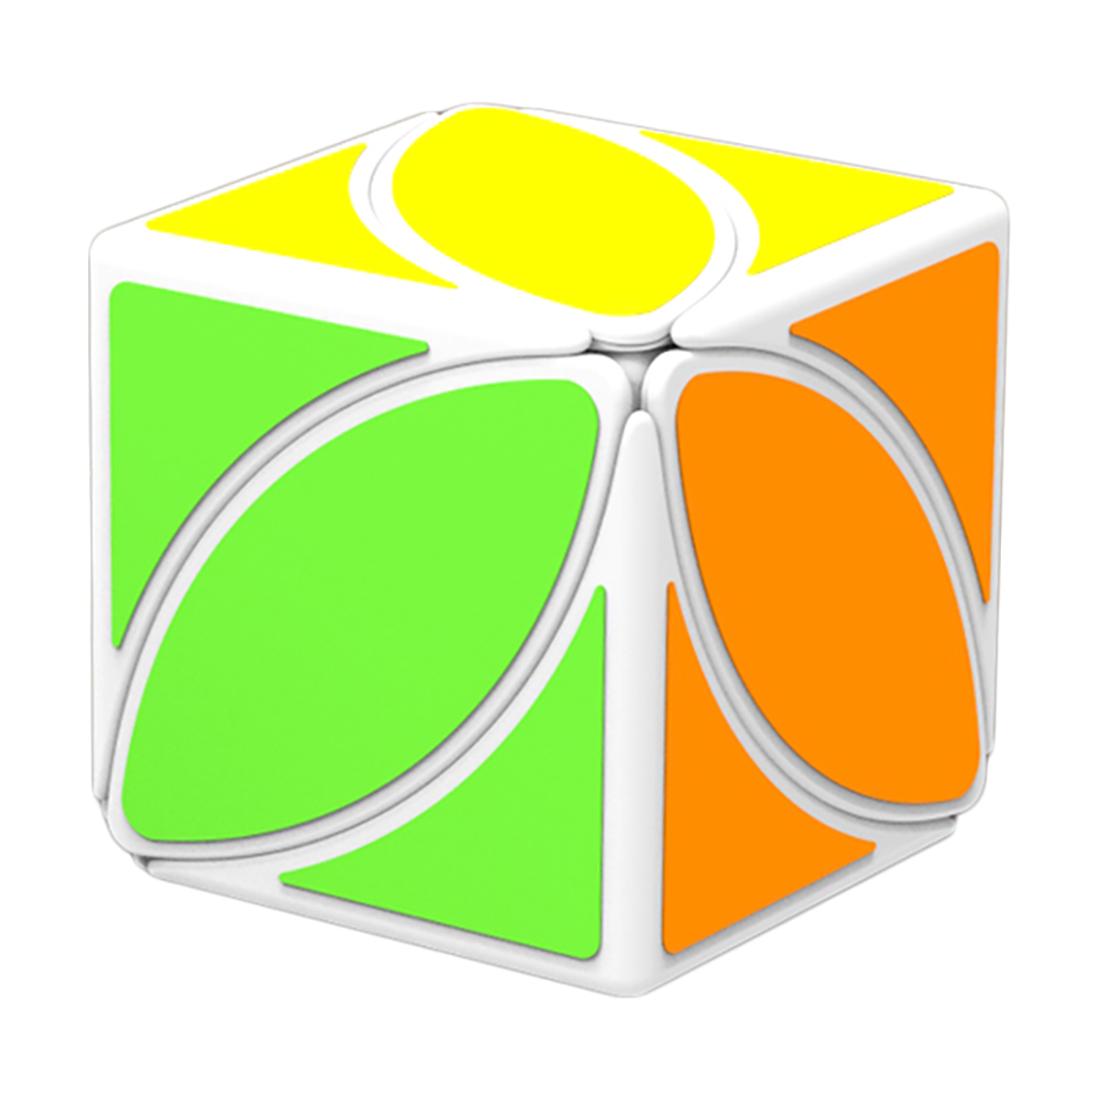 Zakulacená (Rubikova kostka - Ivy Cube) - bílý podklad